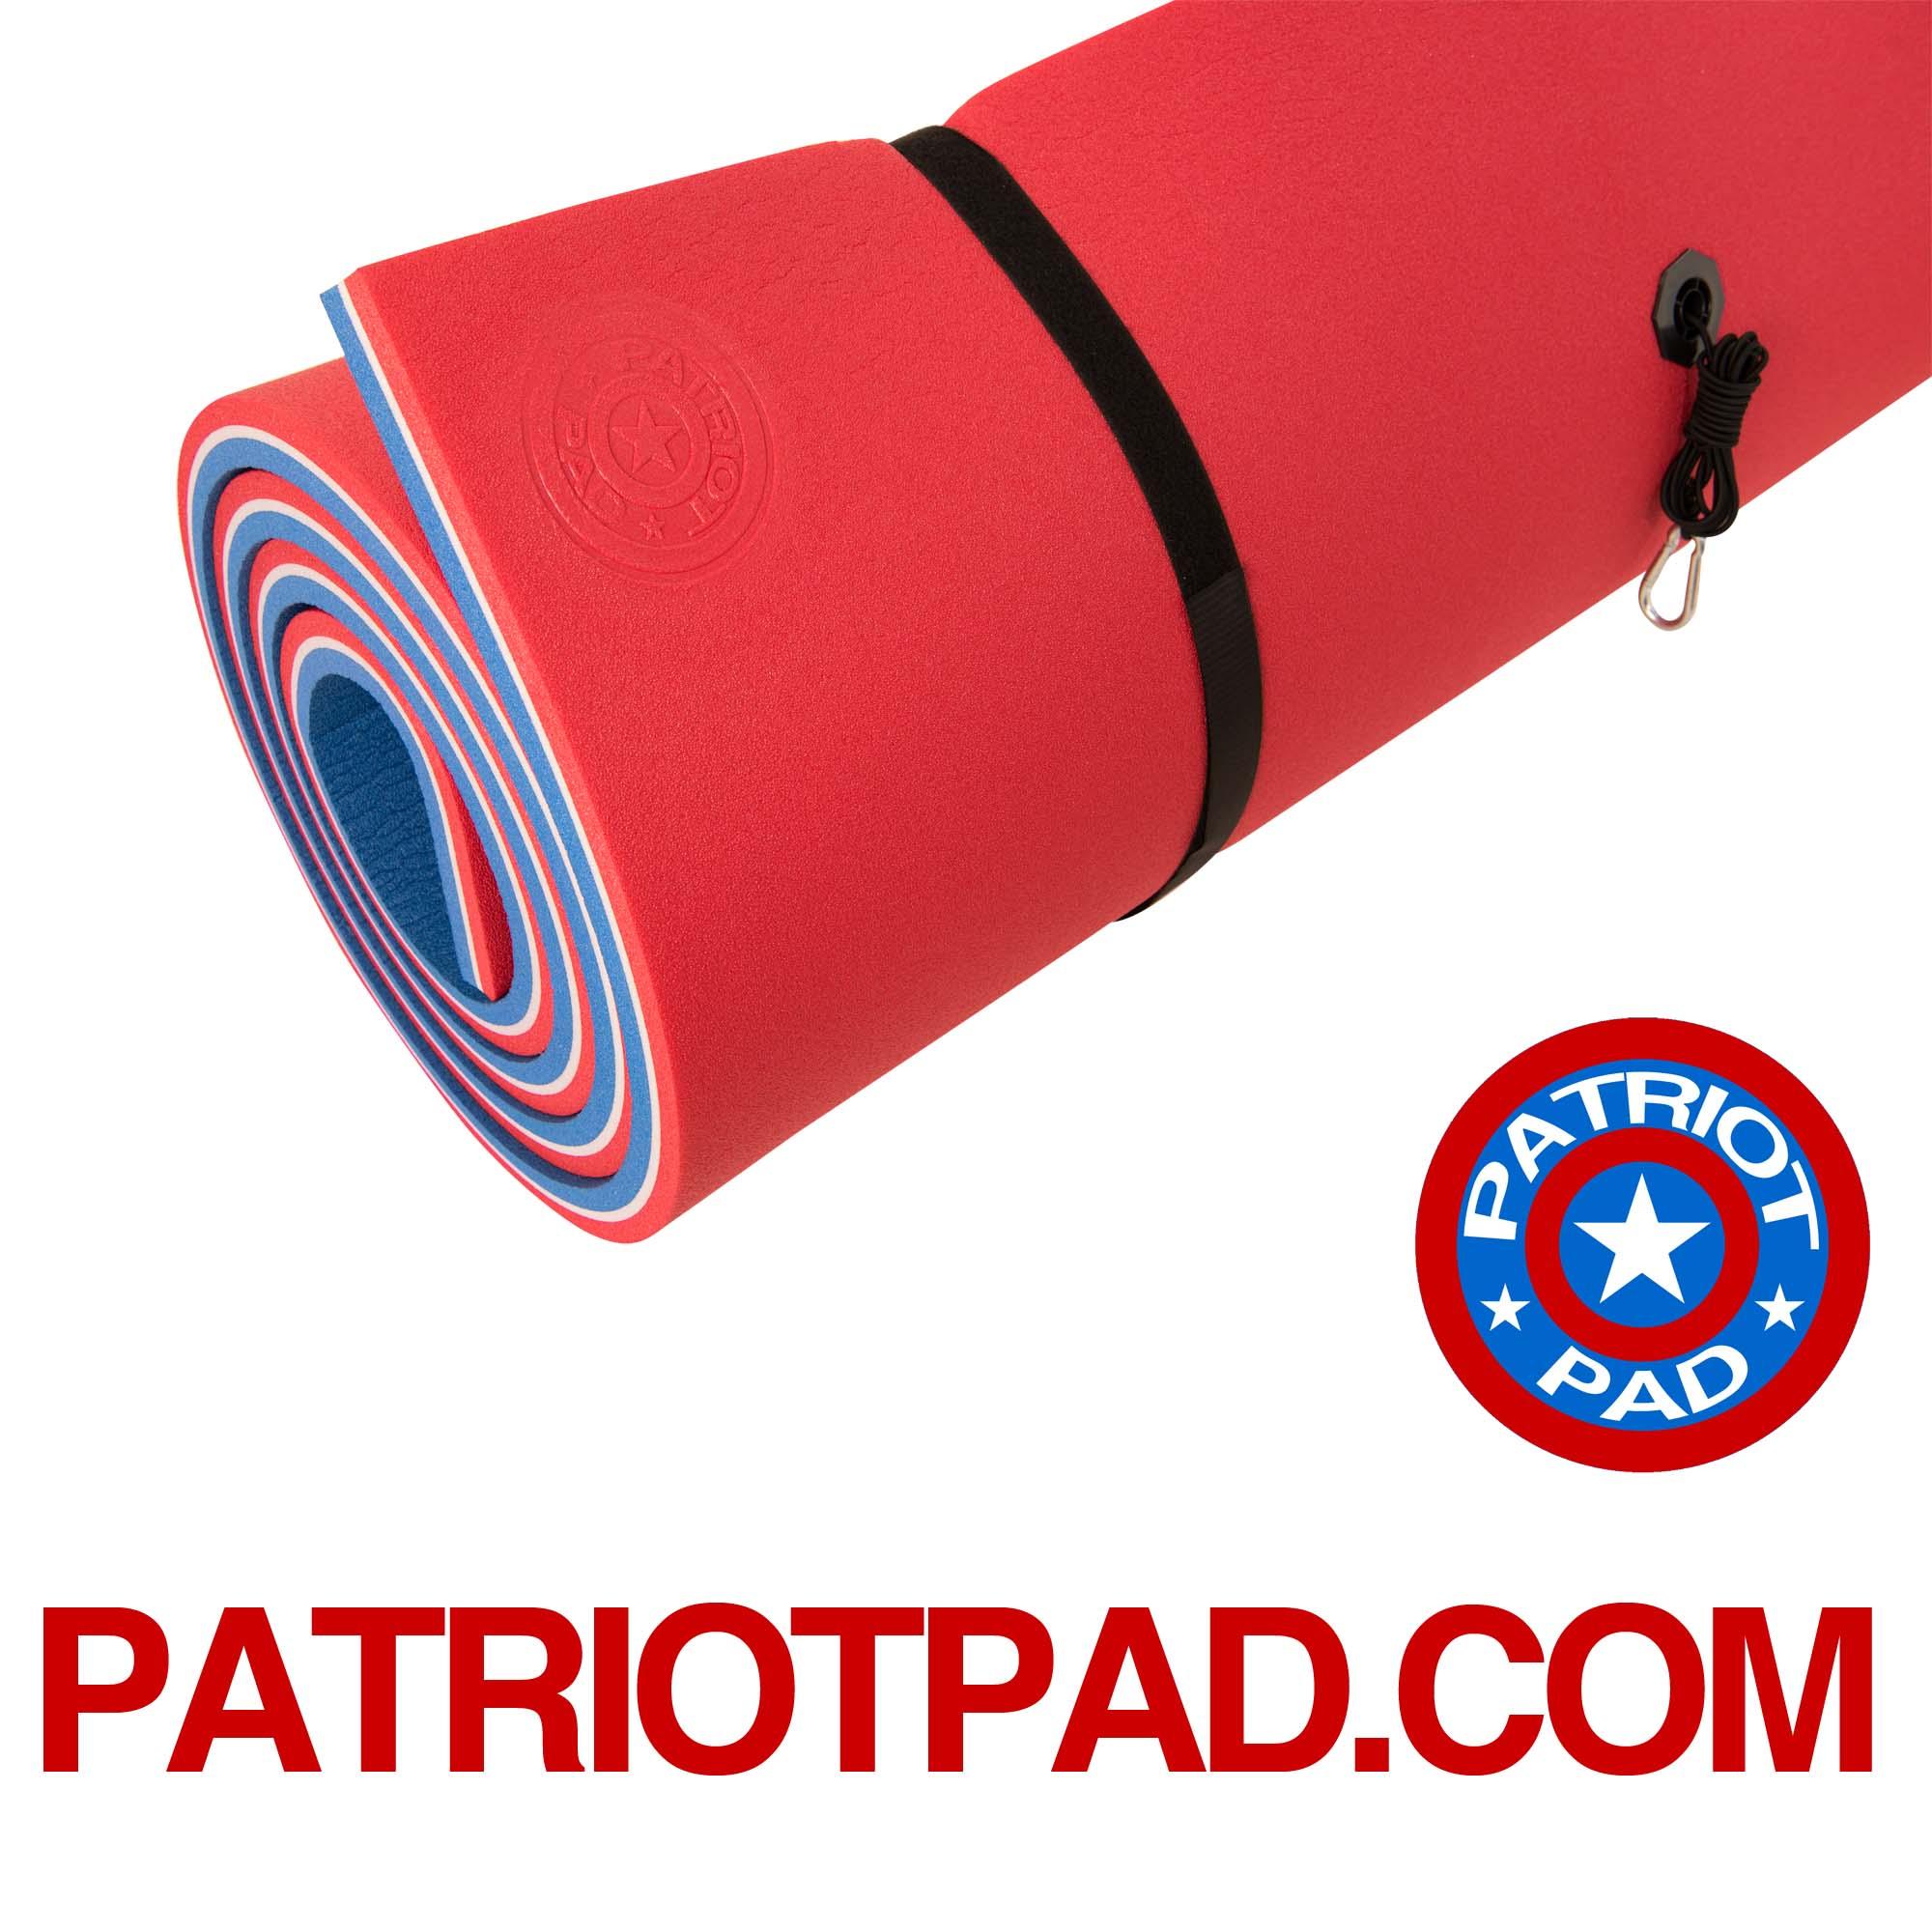 15 X 6ft Patriot Pad 3 Ply Patriot Pad